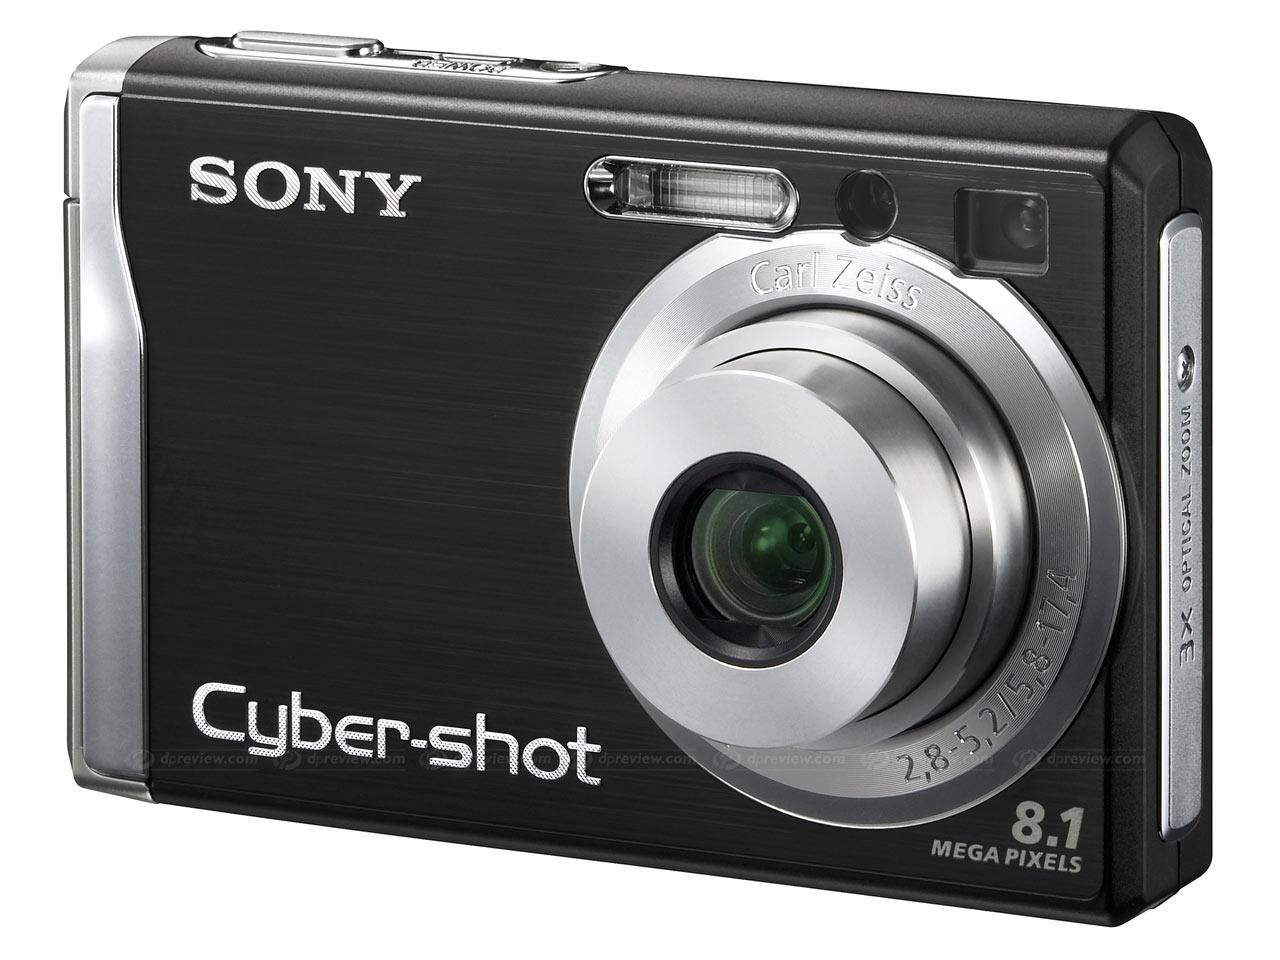 Sony Cyber Shot Dsc W200 Dsc W90 And Dsc W80 Digital Photography Review